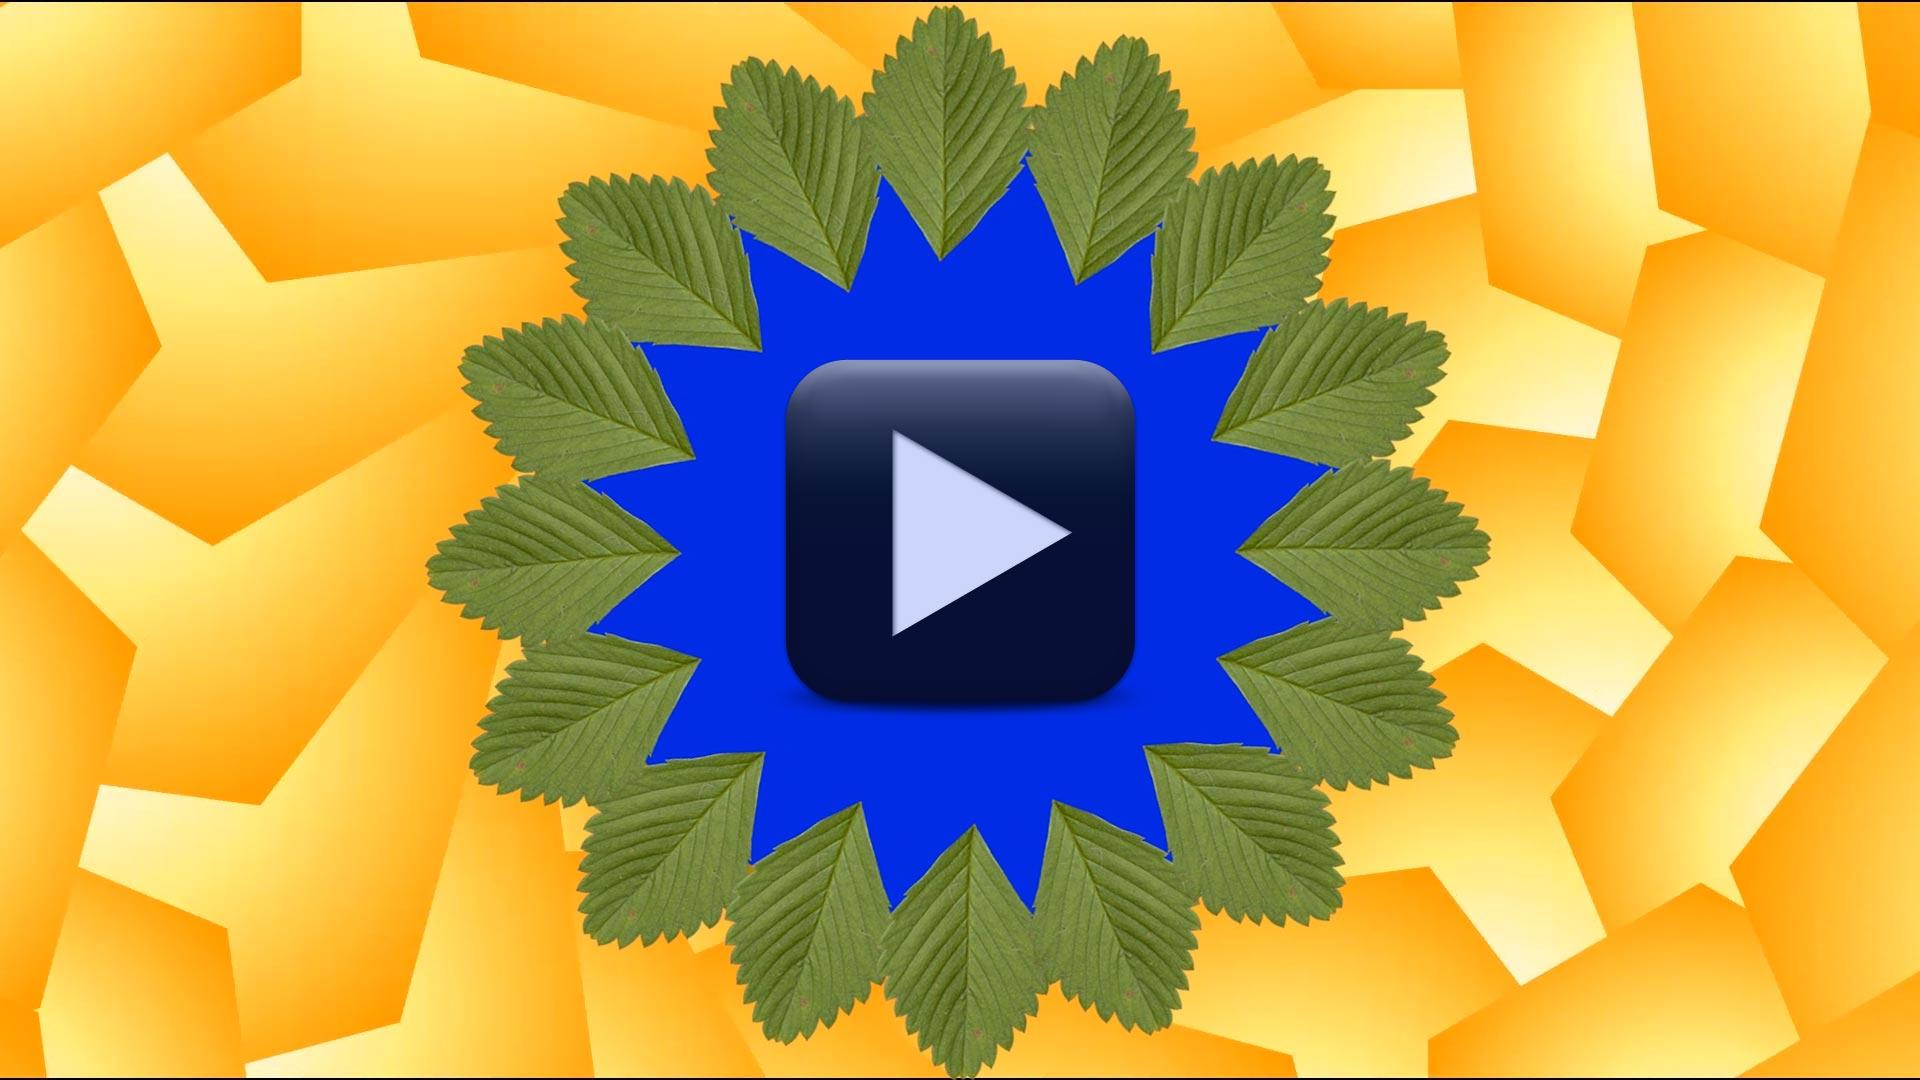 Leaf Wedding Background Video Frame